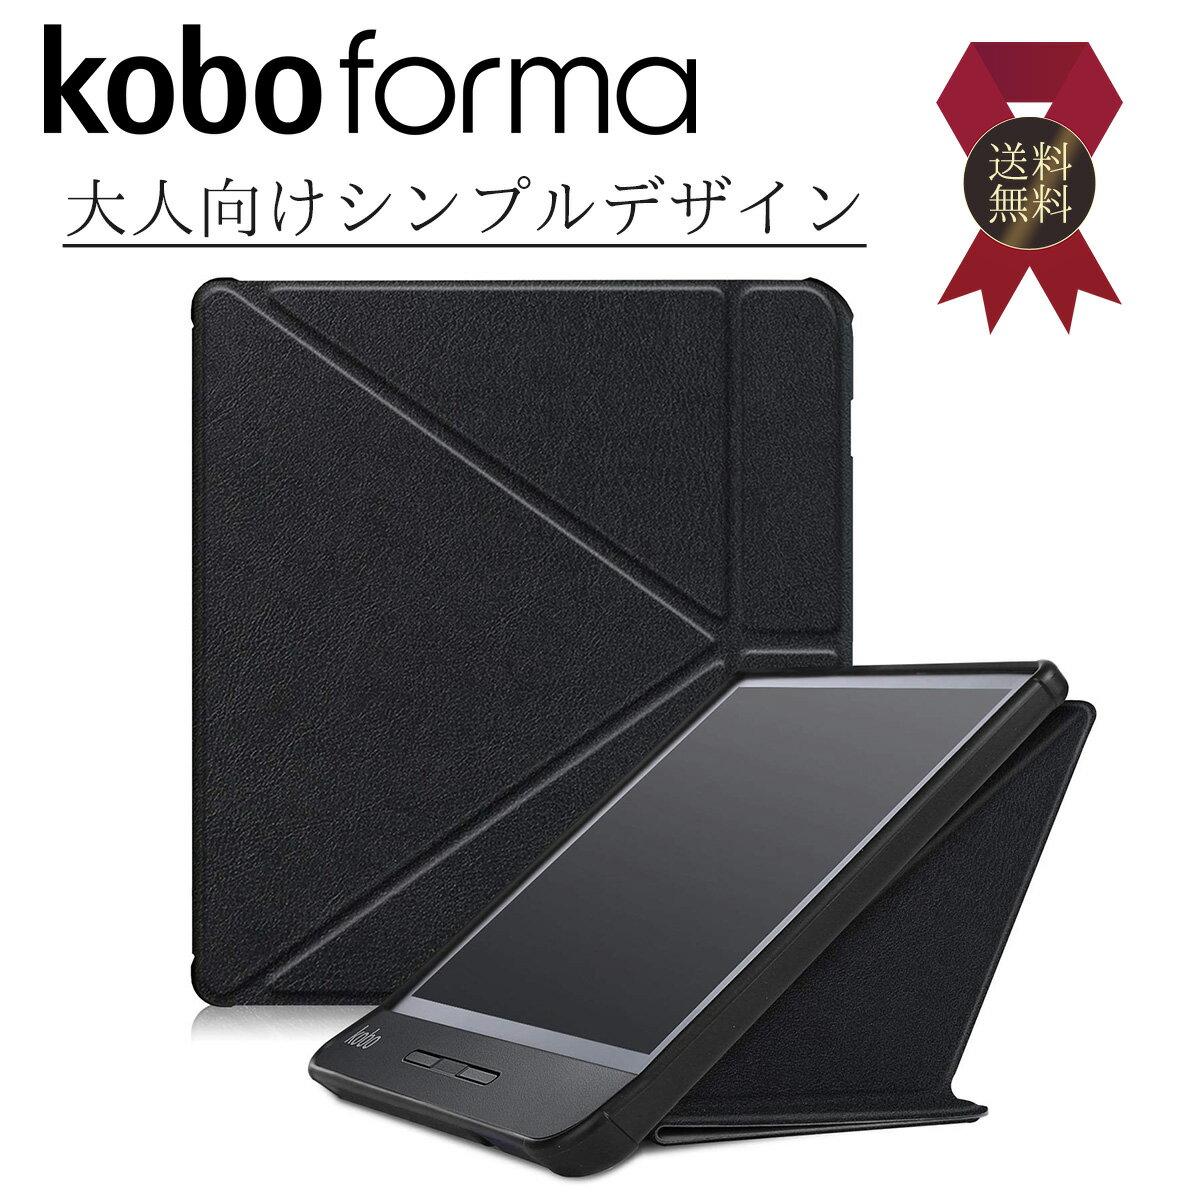 電子書籍リーダーアクセサリー, 電子書籍リーダーケース 1 Kobo Forma RAKUTEN Book TPU Black